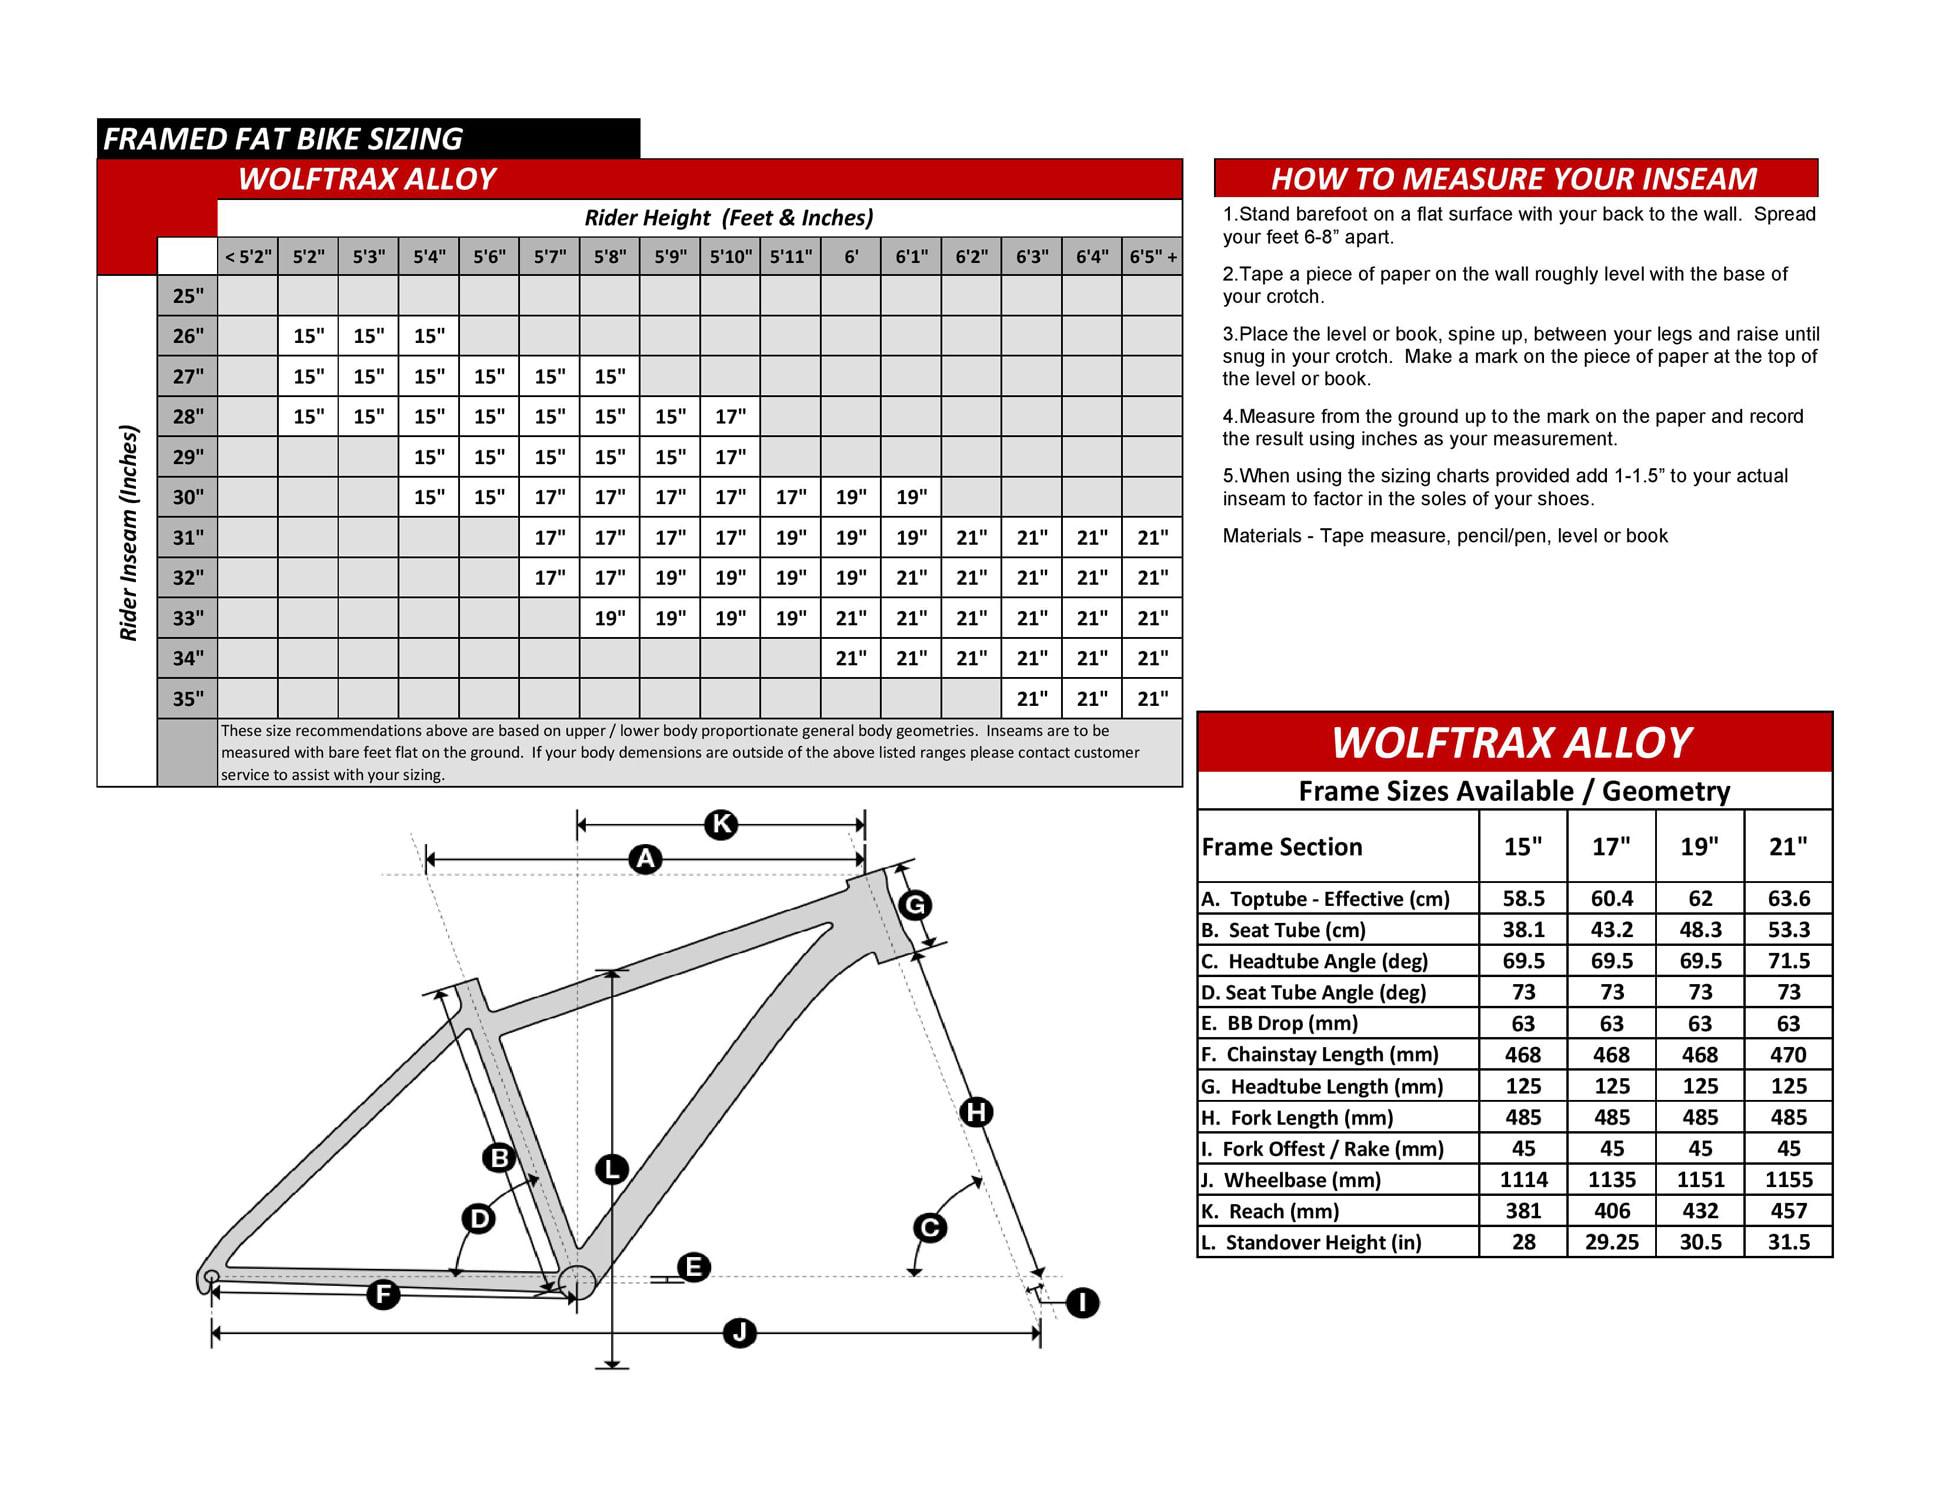 Wolftrax Alloy Fat Bike Geometry Specs